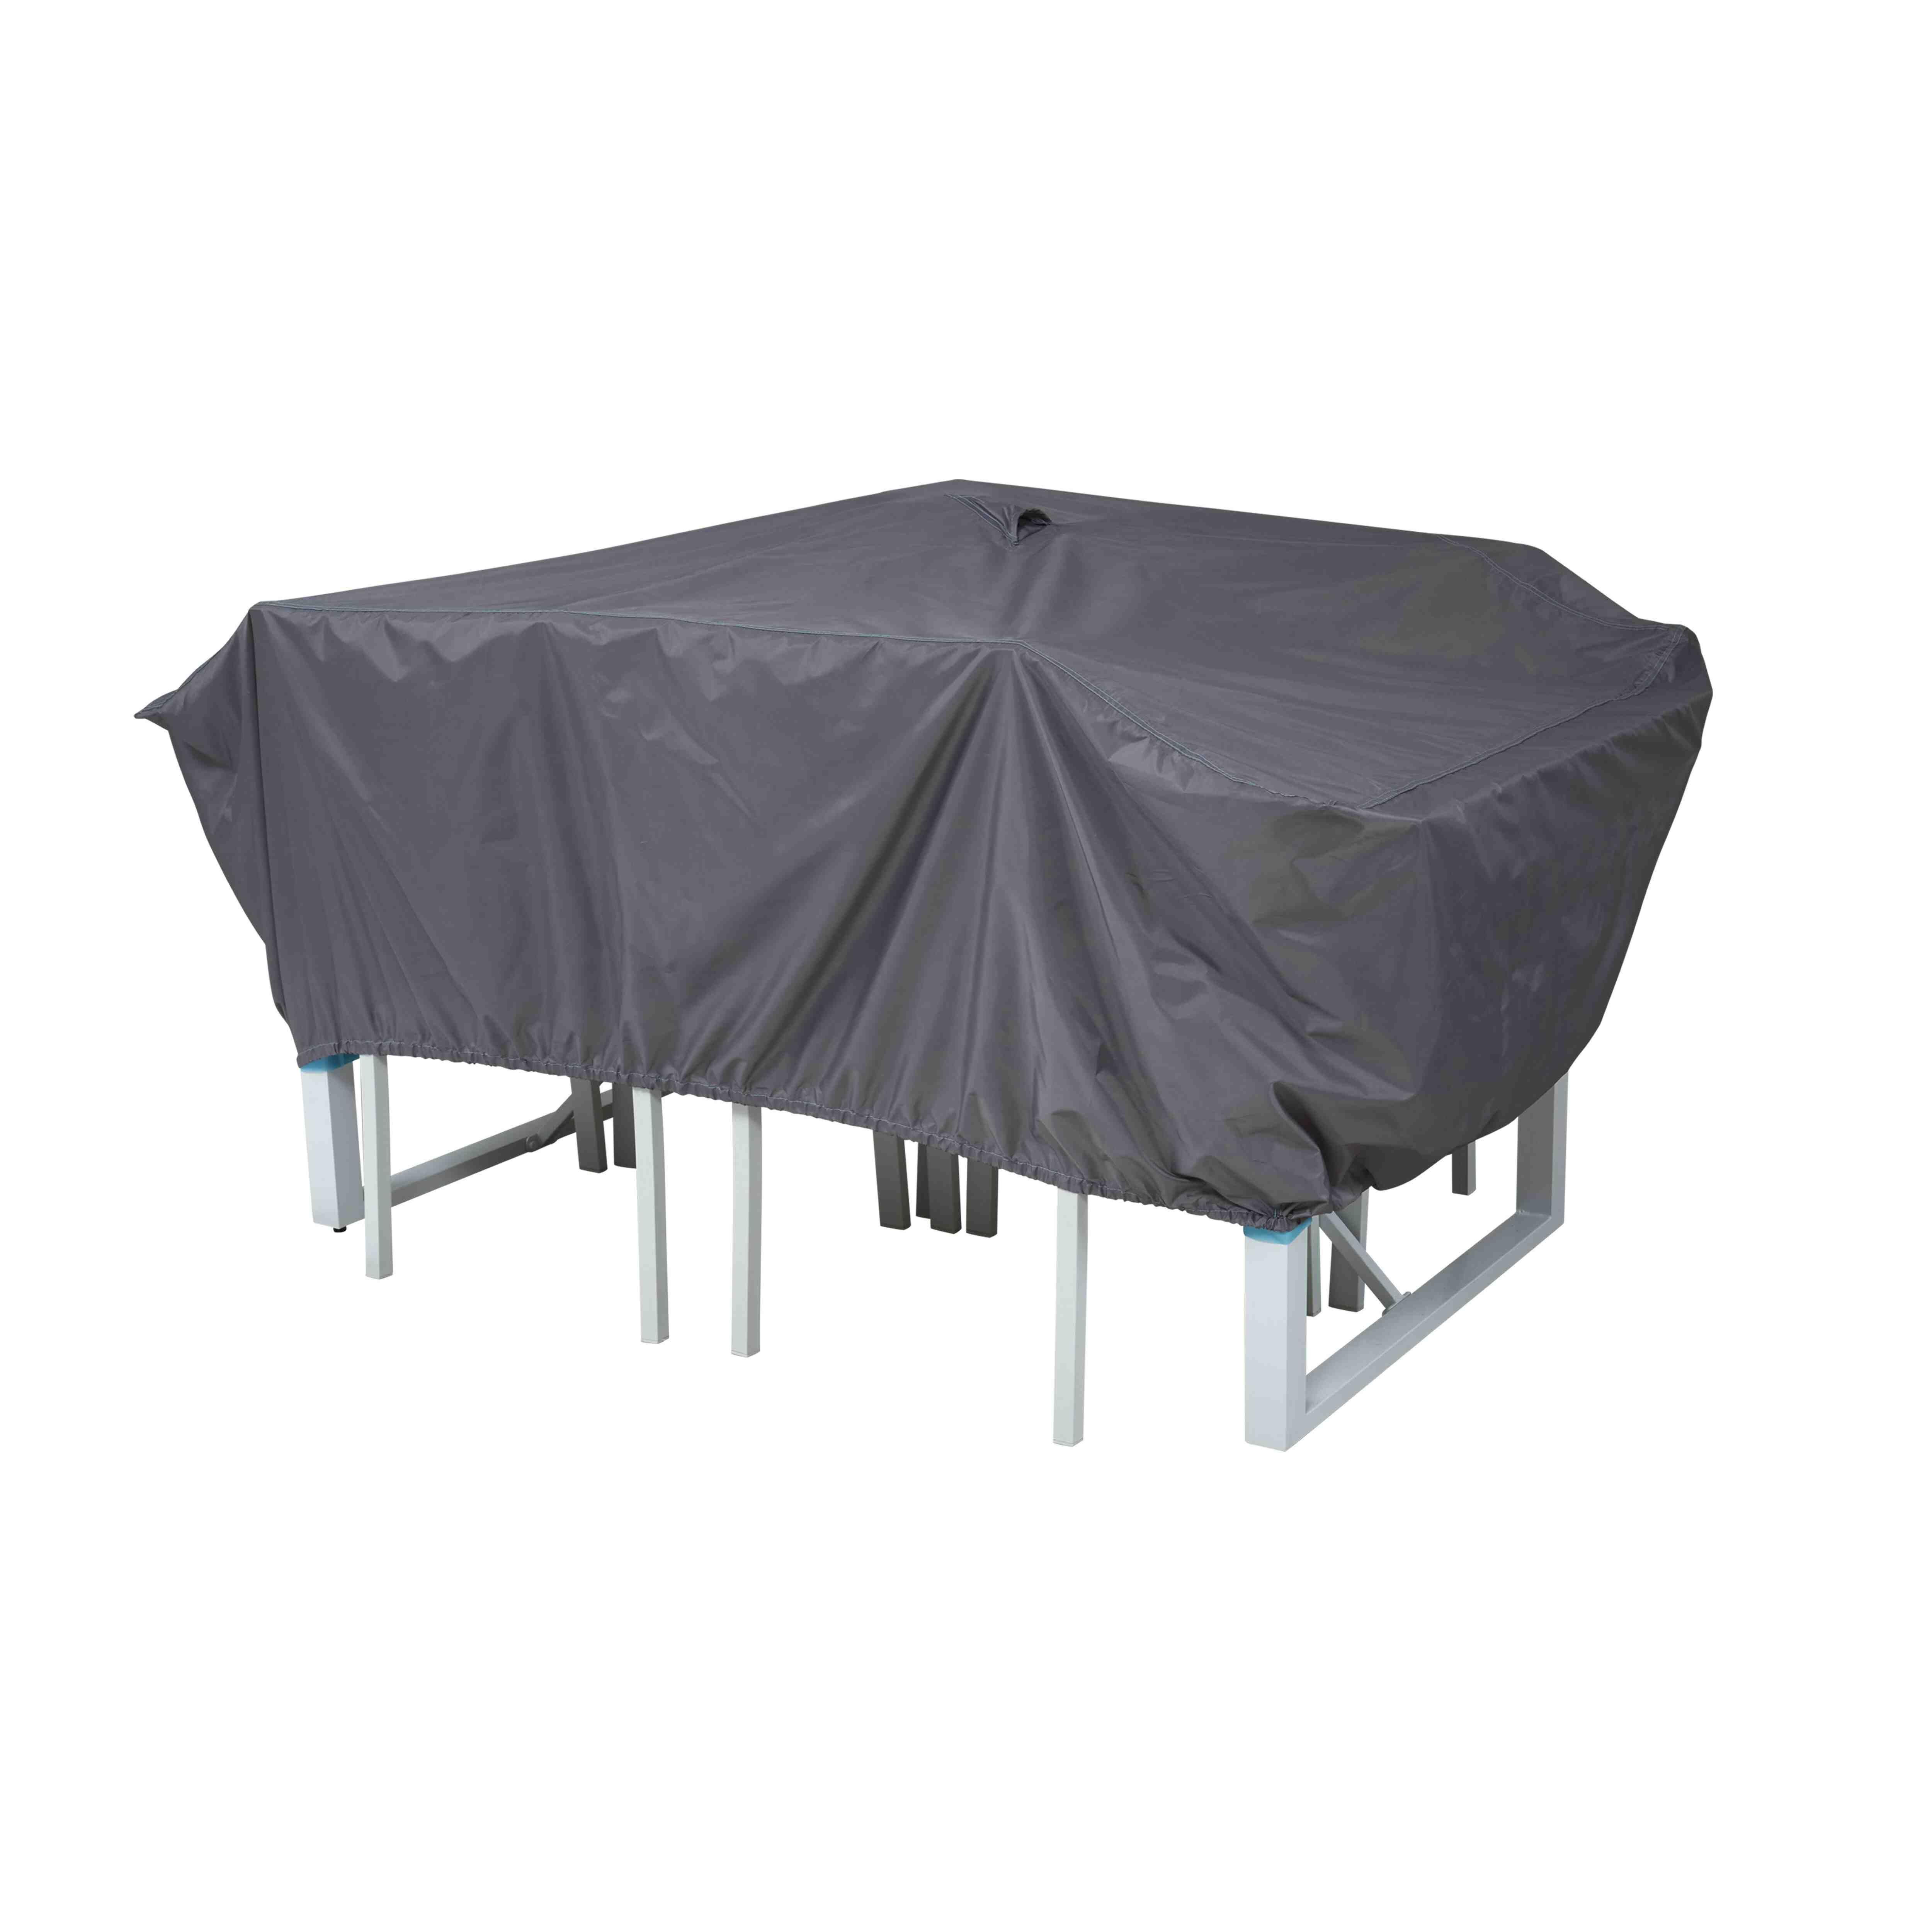 Housse de protection table de jardin 180 x 110 cm, Cov'Up